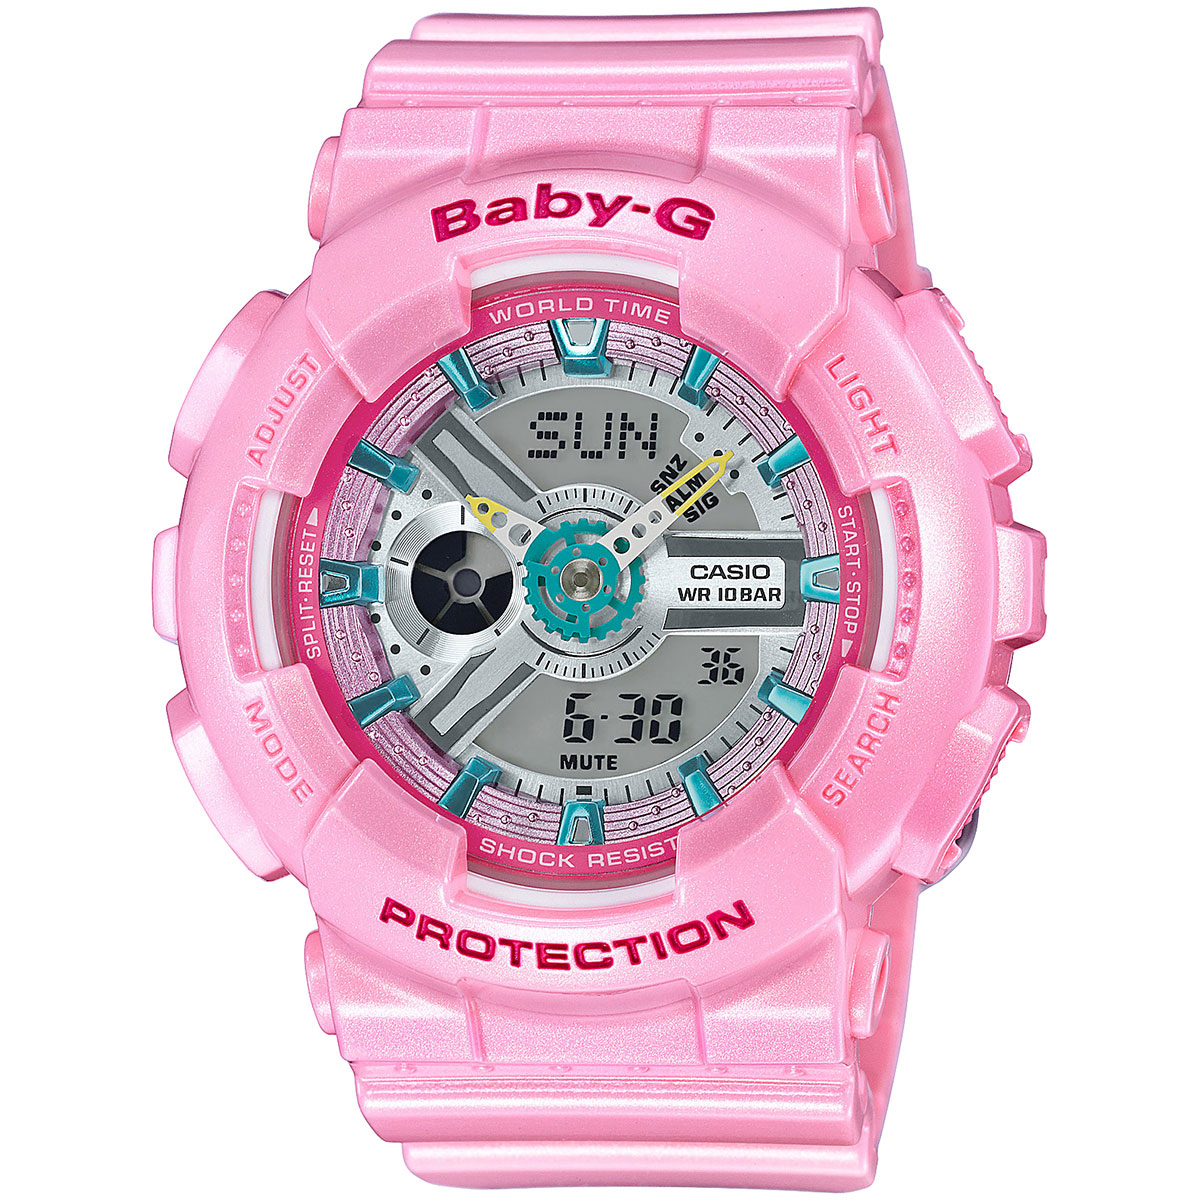 นาฬิกาผู้หญิง CASIO Baby-G รุ่น BA-110CA-4A Standard Analog Digital Ladies Watch